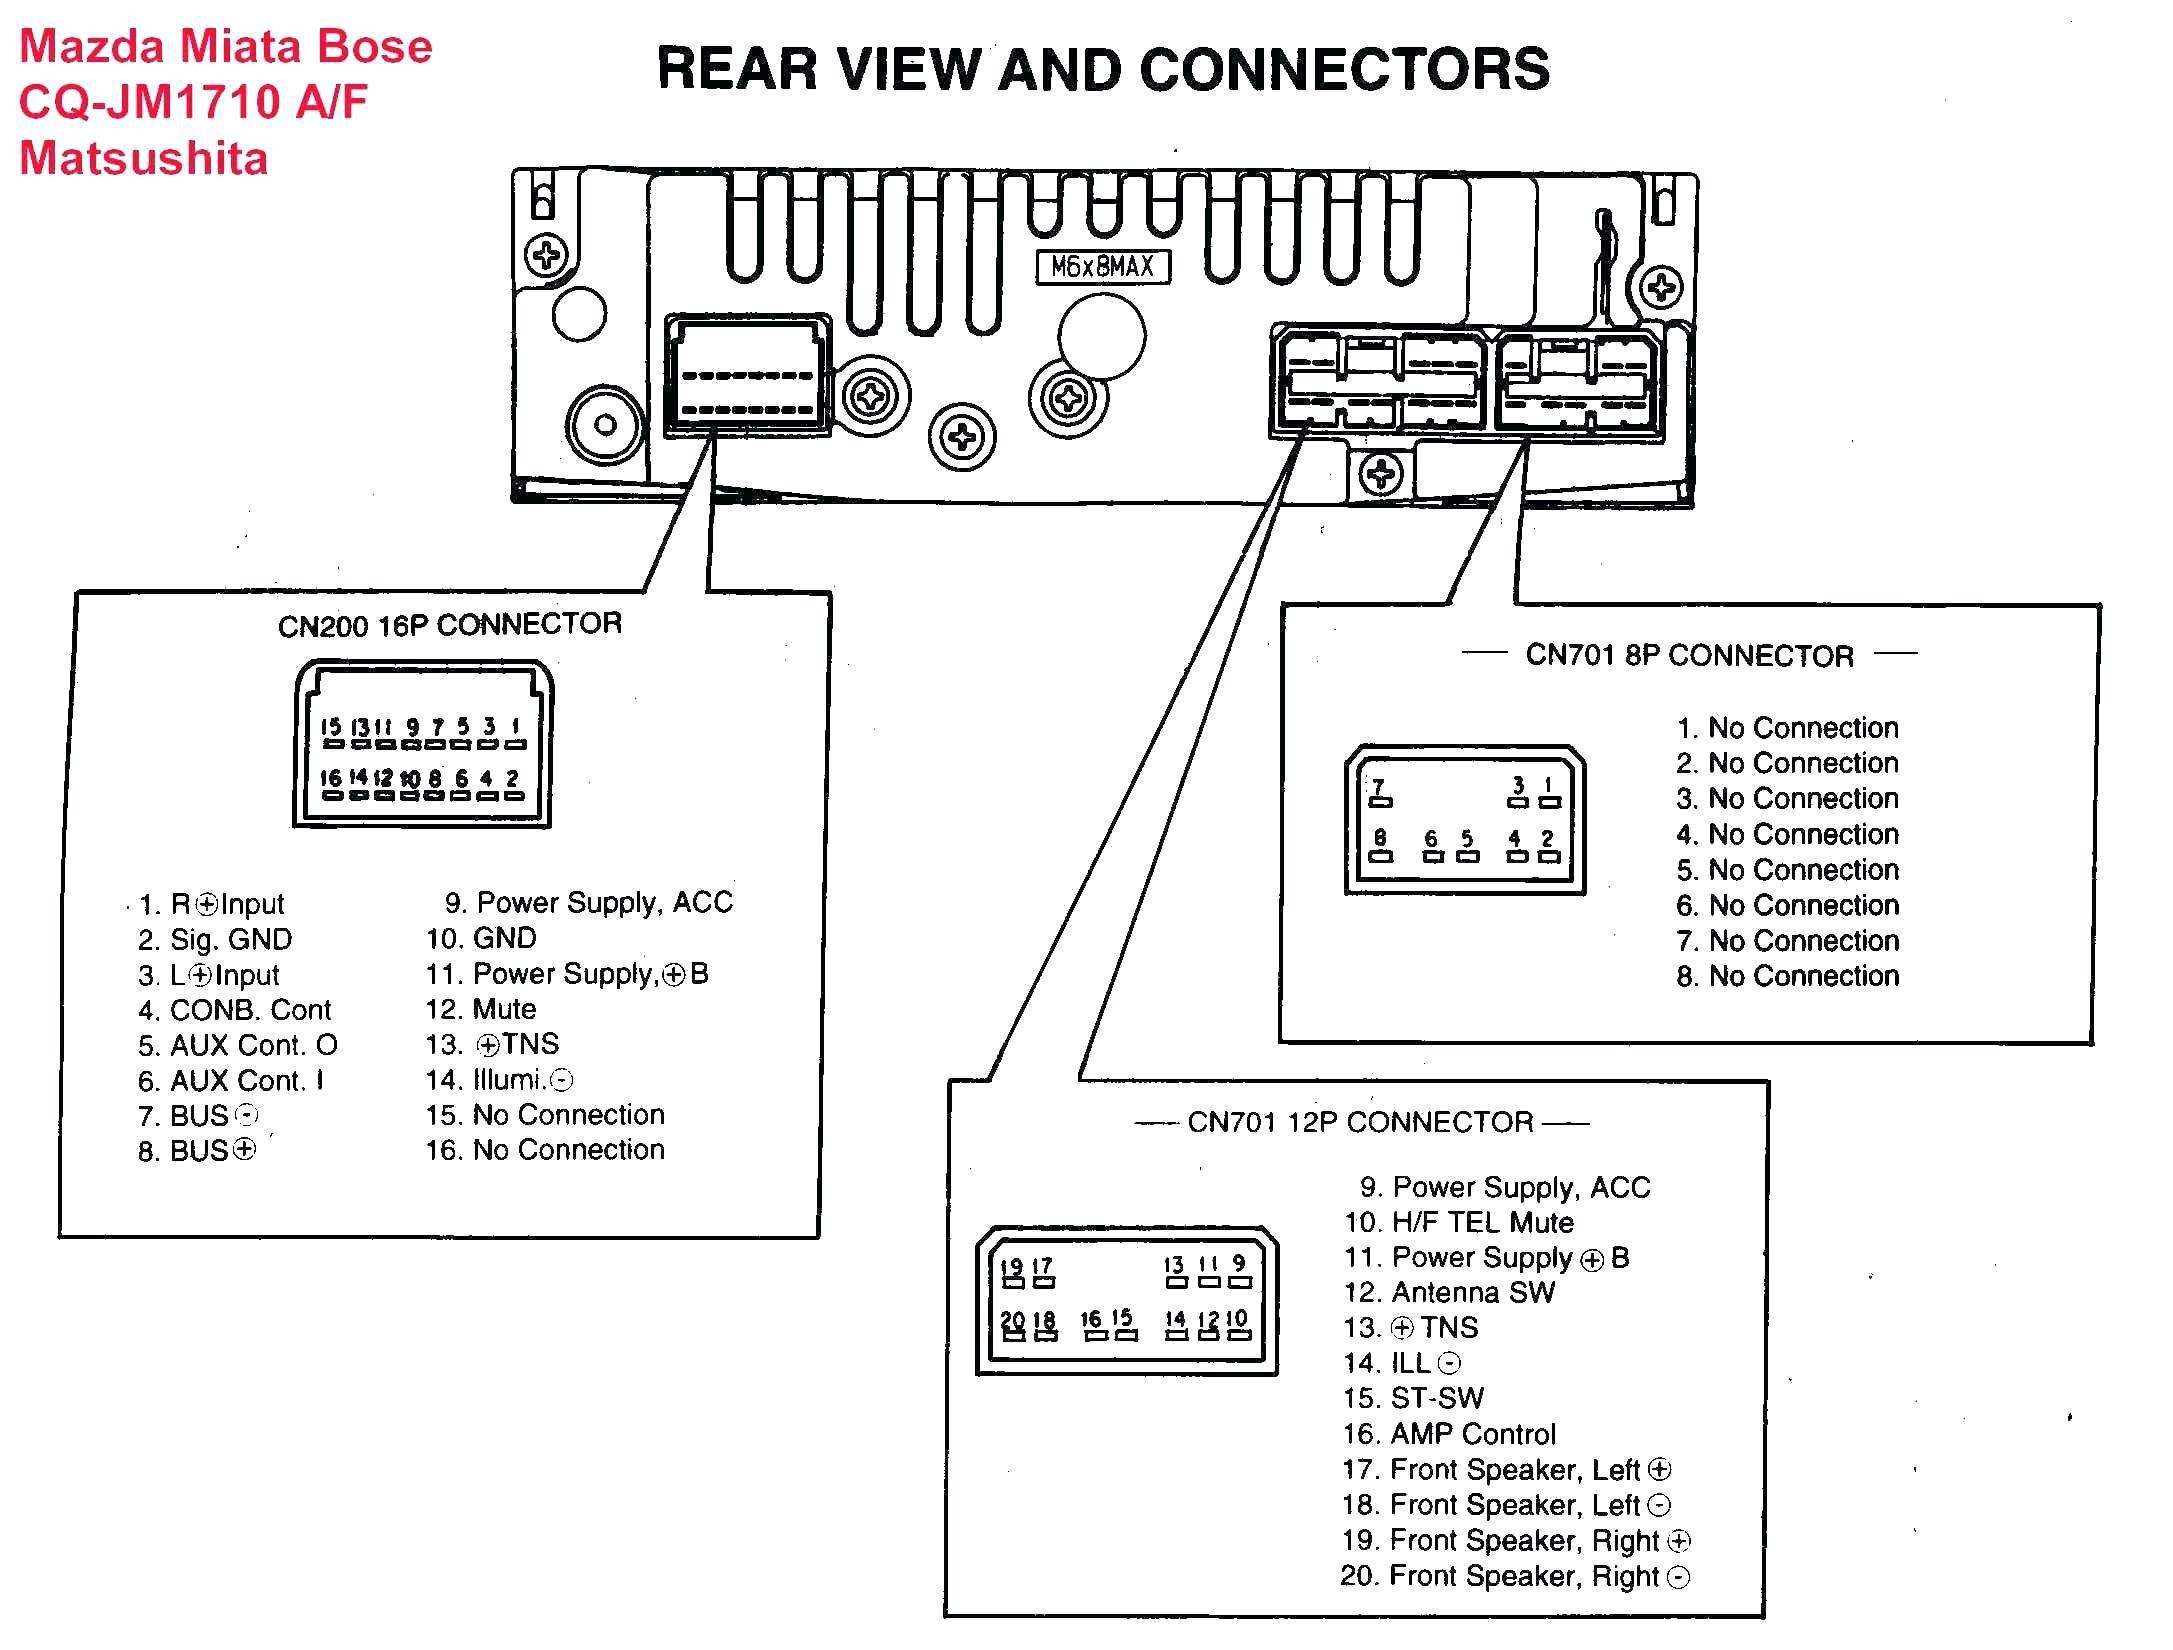 sony xplod wiring harness diagram gz 7302  radio stereo wiring diagram as well sony xplod wiring  gz 7302  radio stereo wiring diagram as